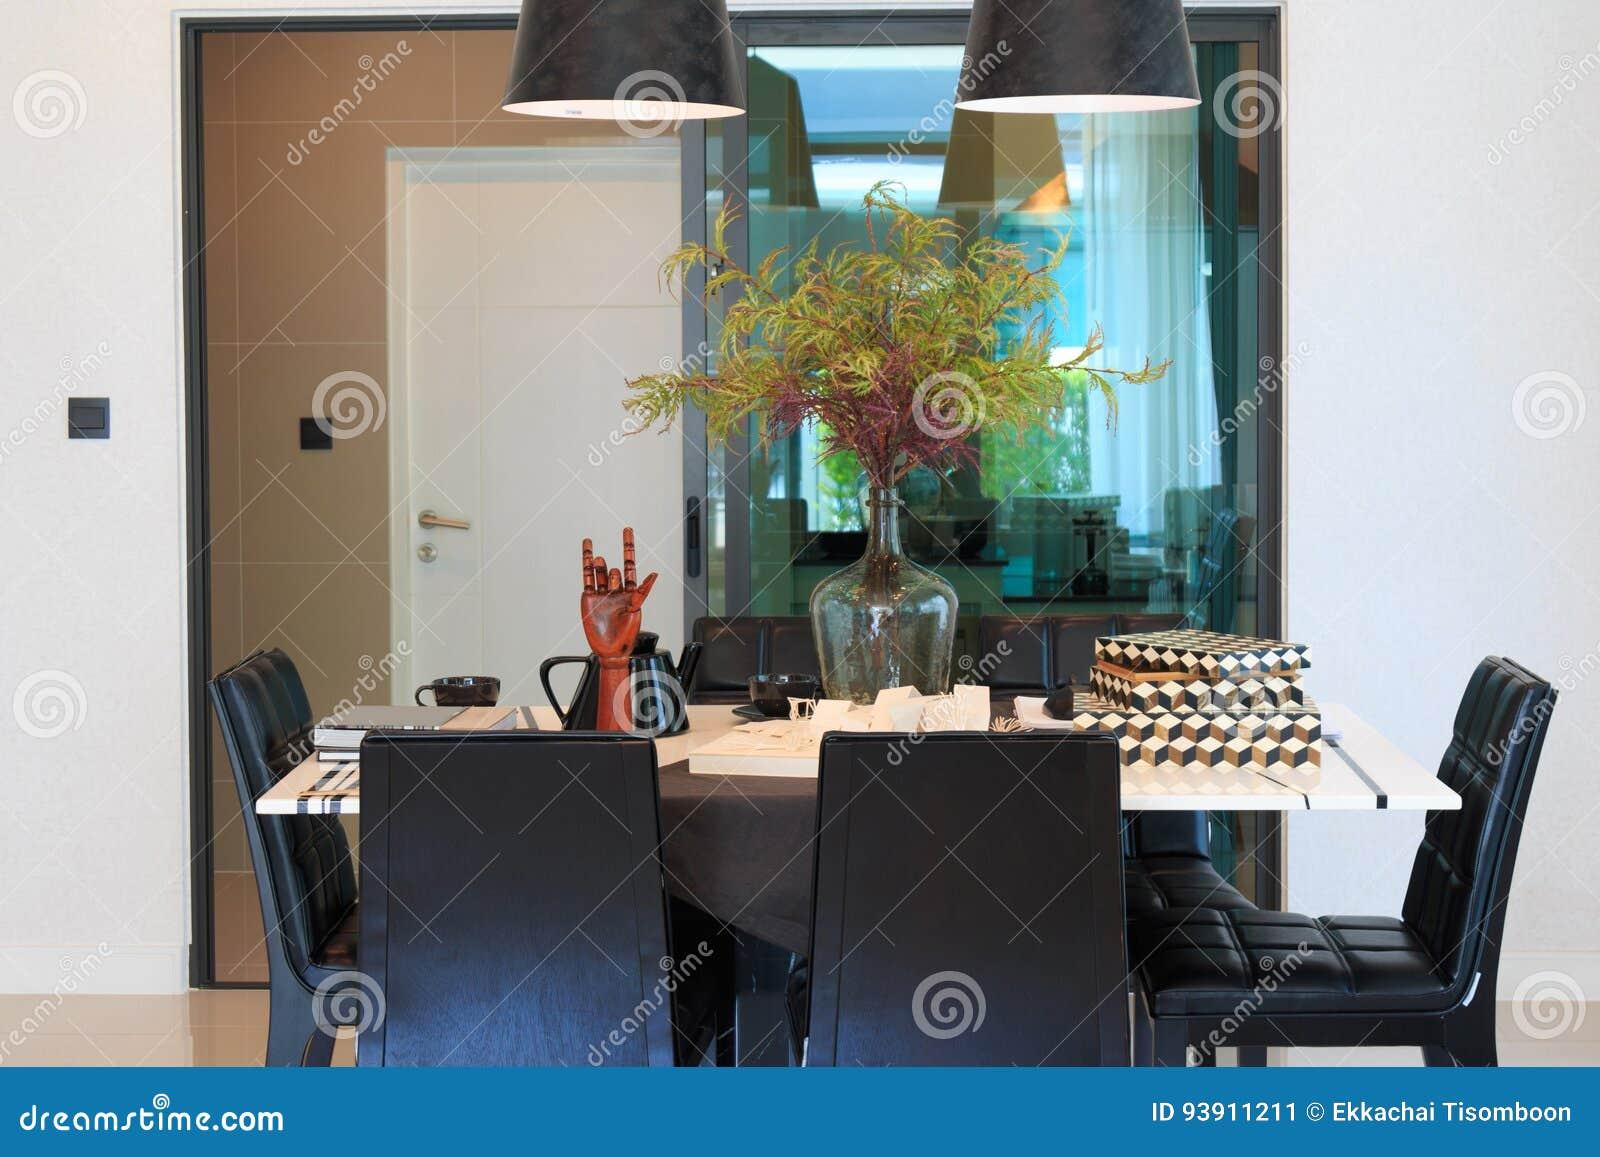 Eettafel In Woonkamer : Ontwerperhulpmiddelen op de eettafel in de woonkamer stock